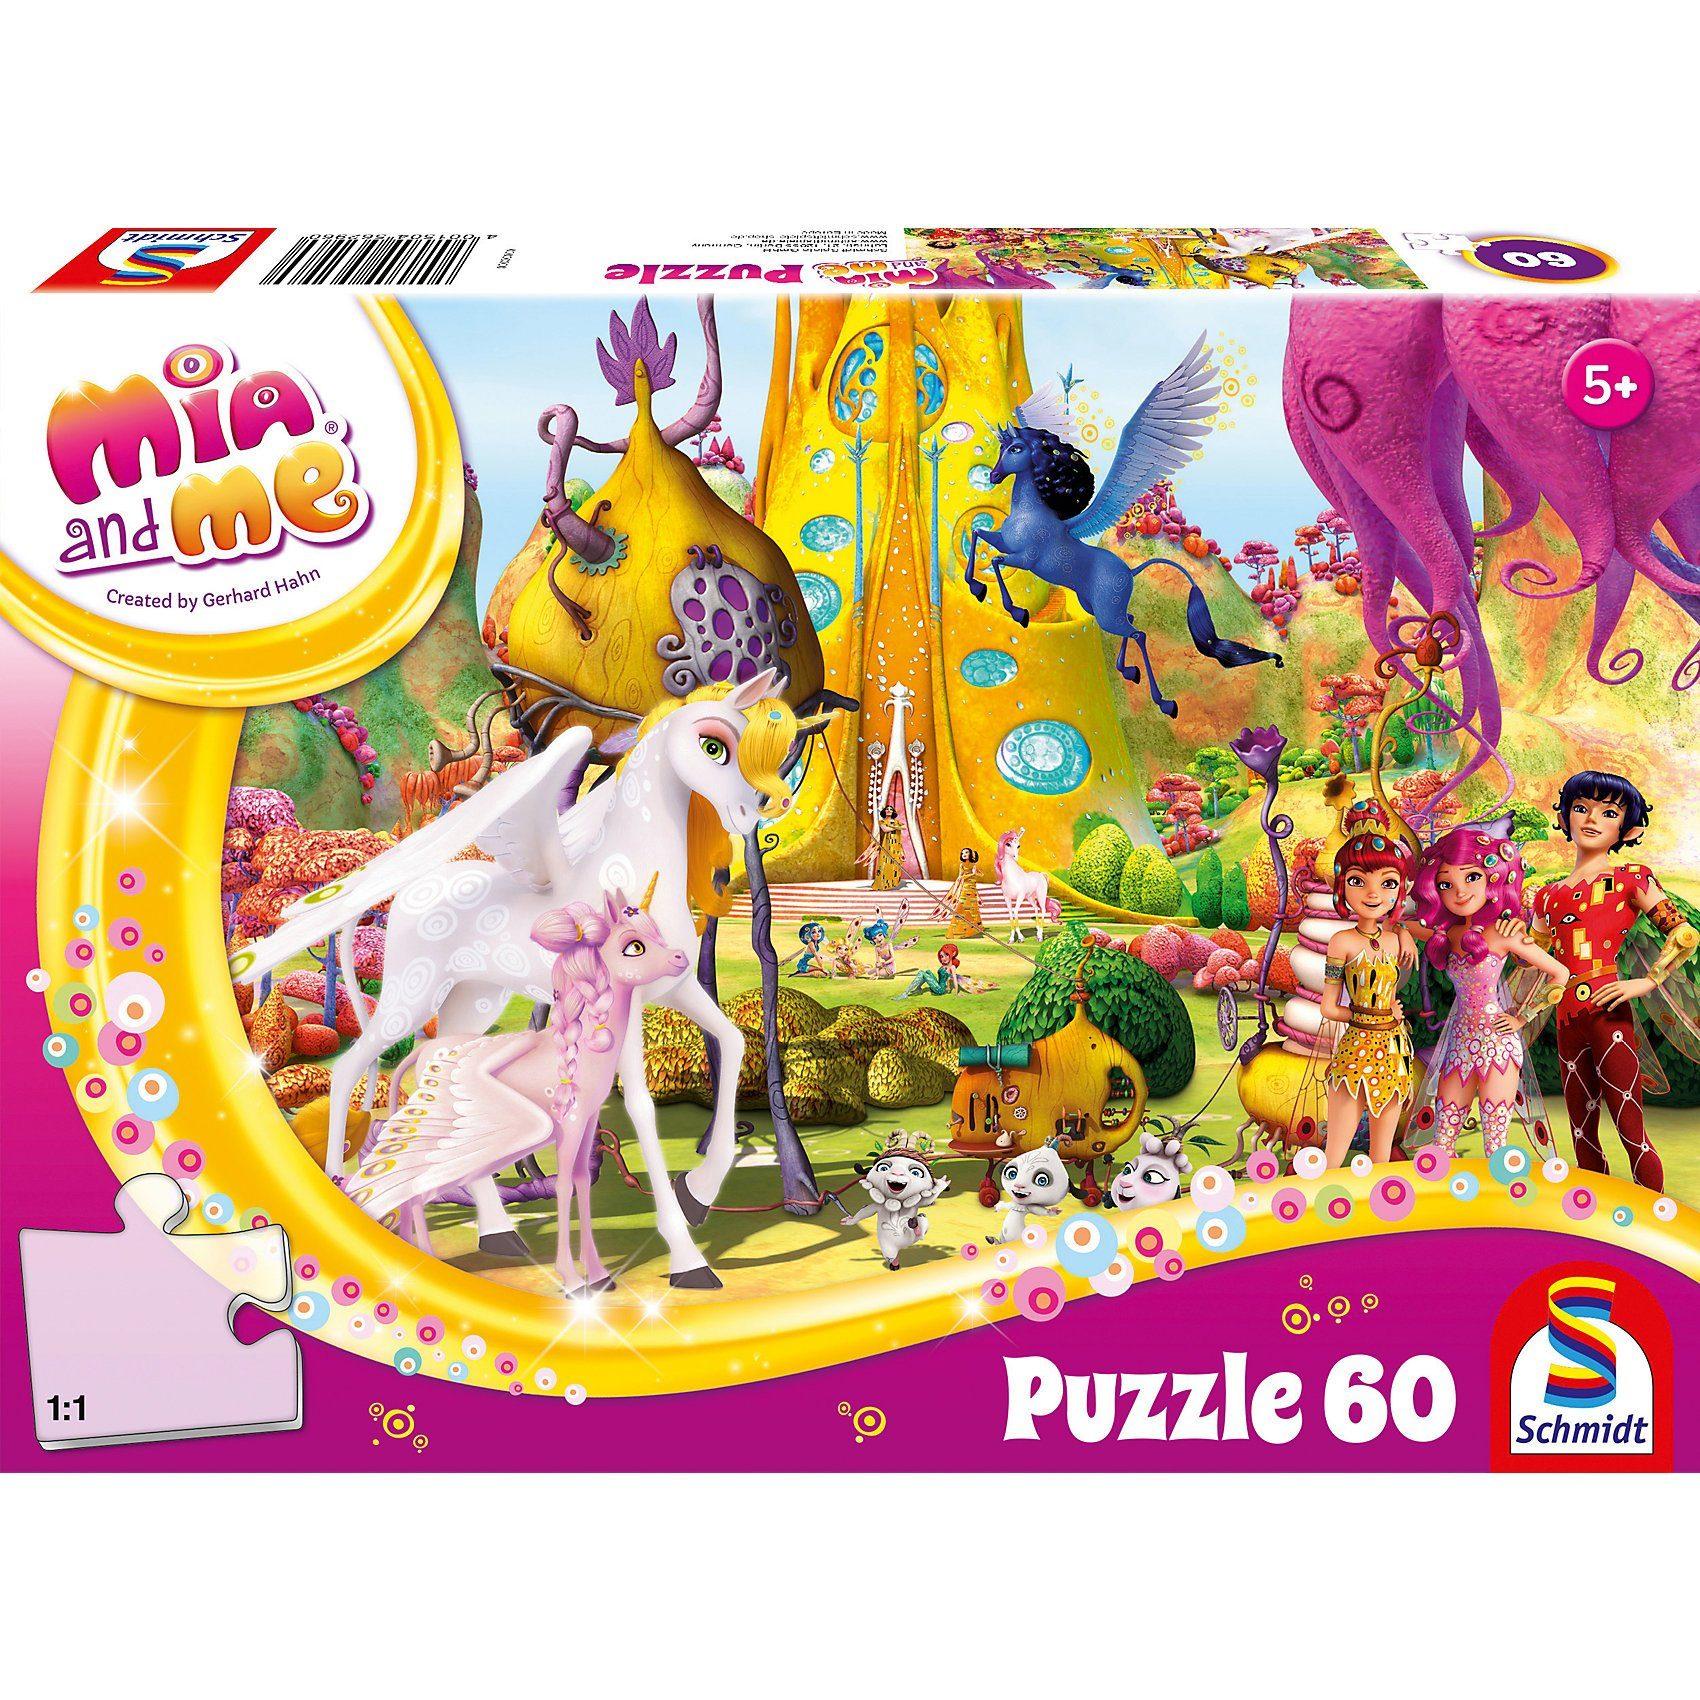 Schmidt Spiele Puzzle 60 Teile Mia and Me Phuddles Klebonadeprozessor